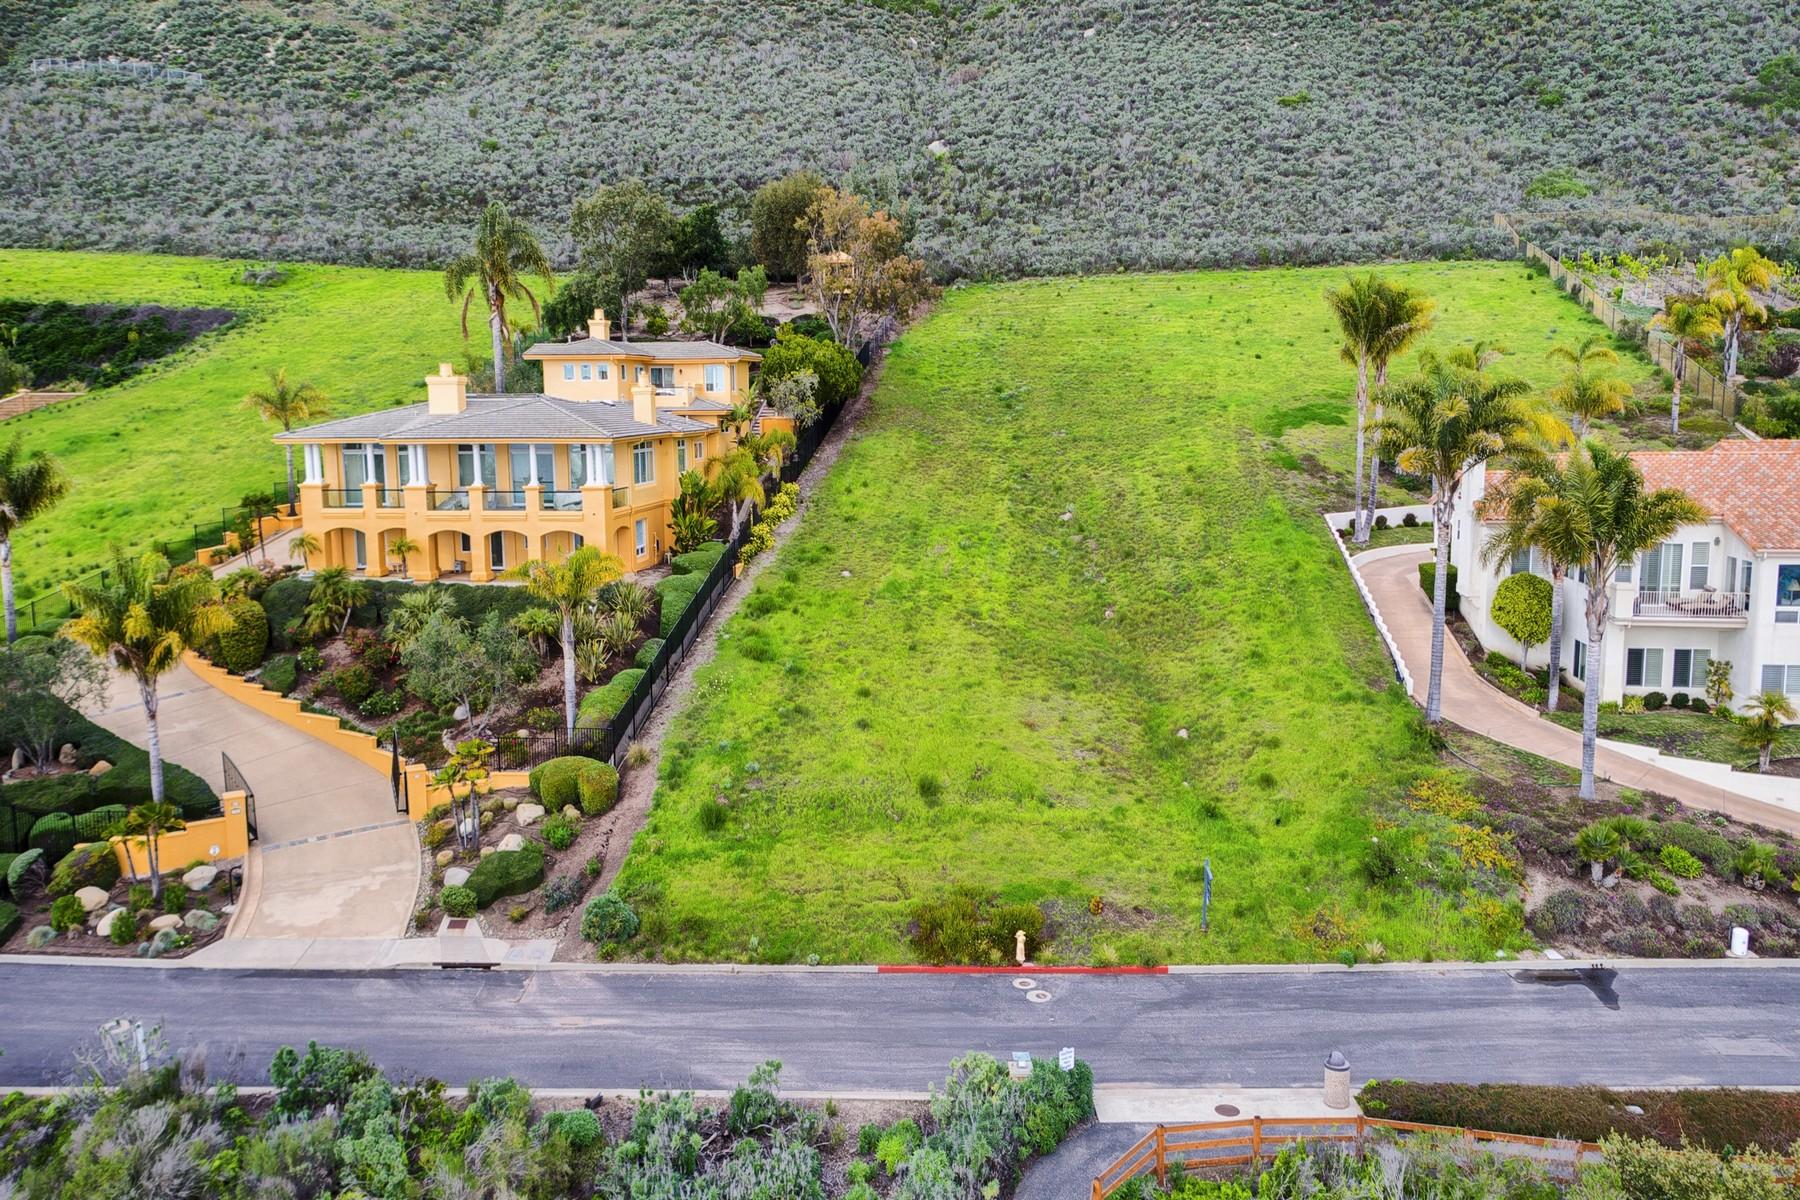 Đất đai vì Bán tại 82 Bluff Drive Pismo Beach, California, 93449 Hoa Kỳ